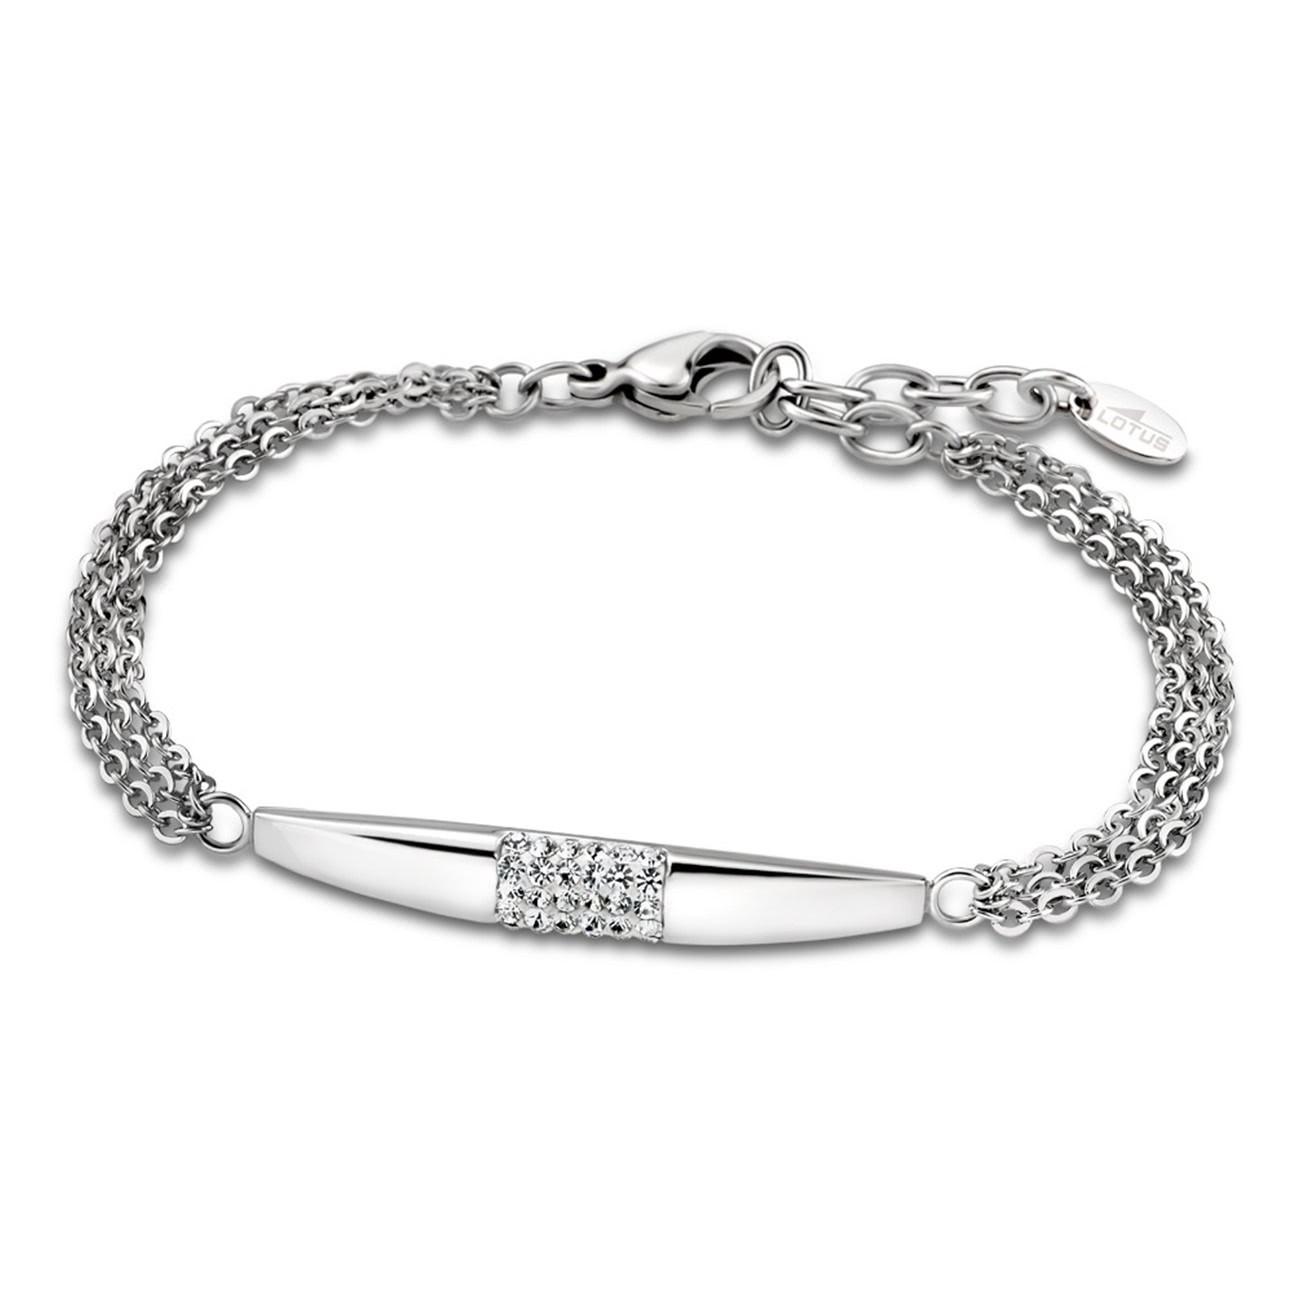 LOTUS Style Armband Damen Multilayer LS1767-2/1 Edelstahl silber JLS1767-2-1